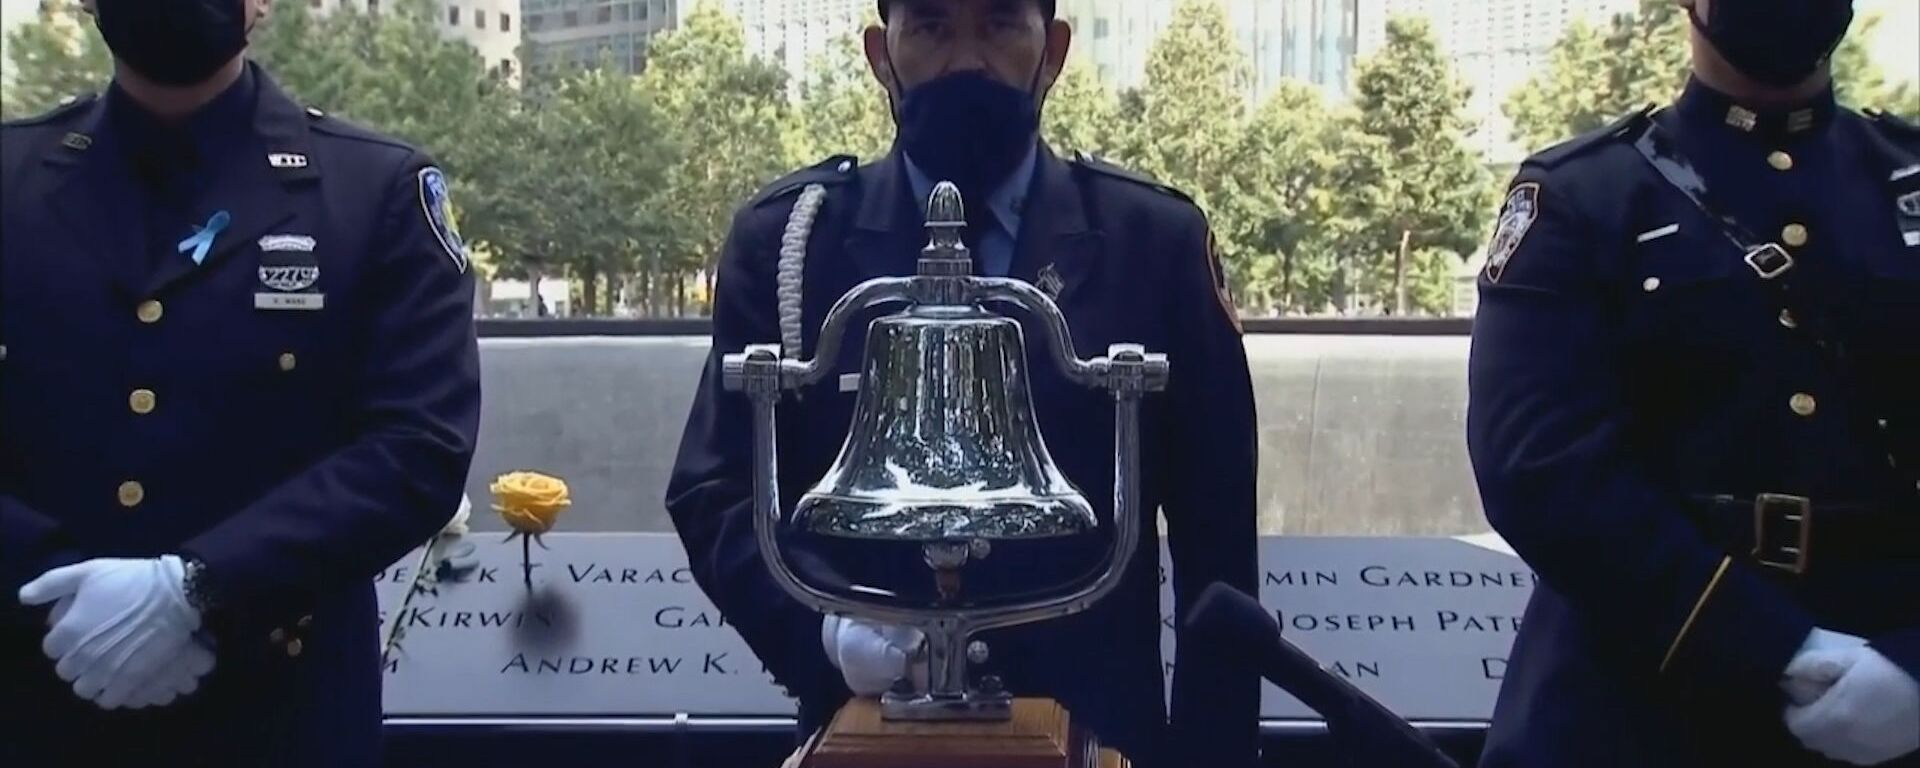 В США почтили память погибших в теракте 11 сентября - Sputnik Грузия, 1920, 11.09.2020